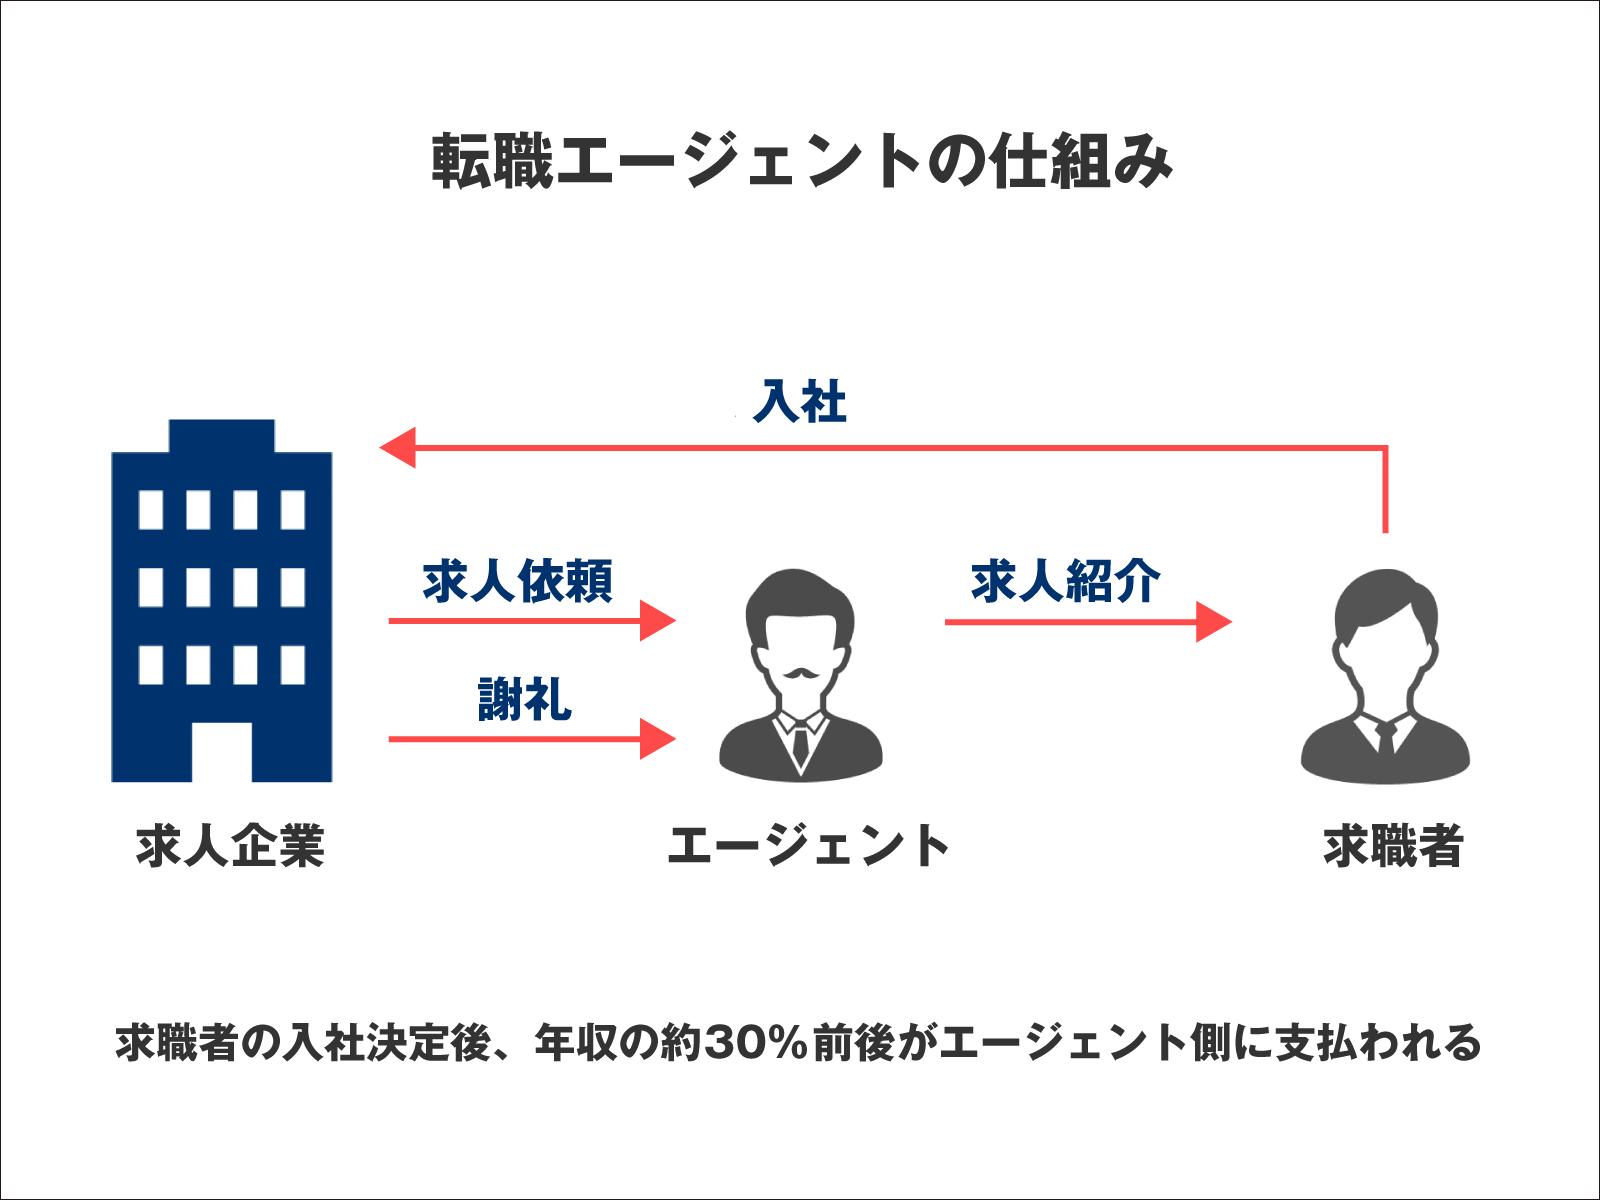 転職エージェントのビジネスモデル